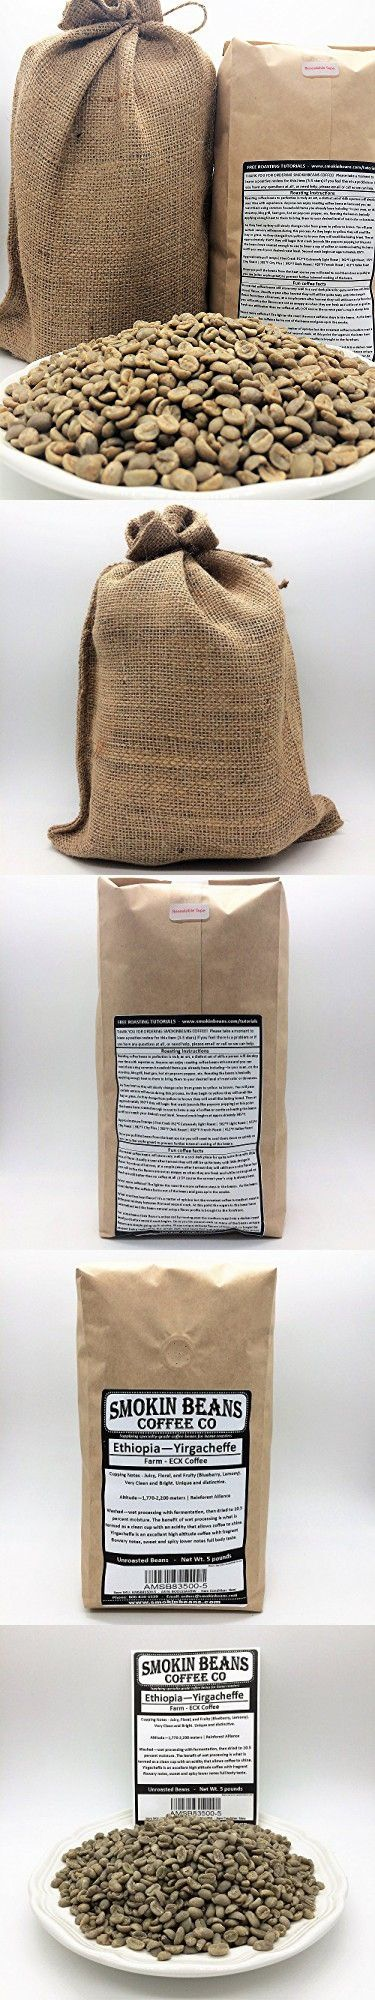 Green Mountain Coffee P/e Ratio